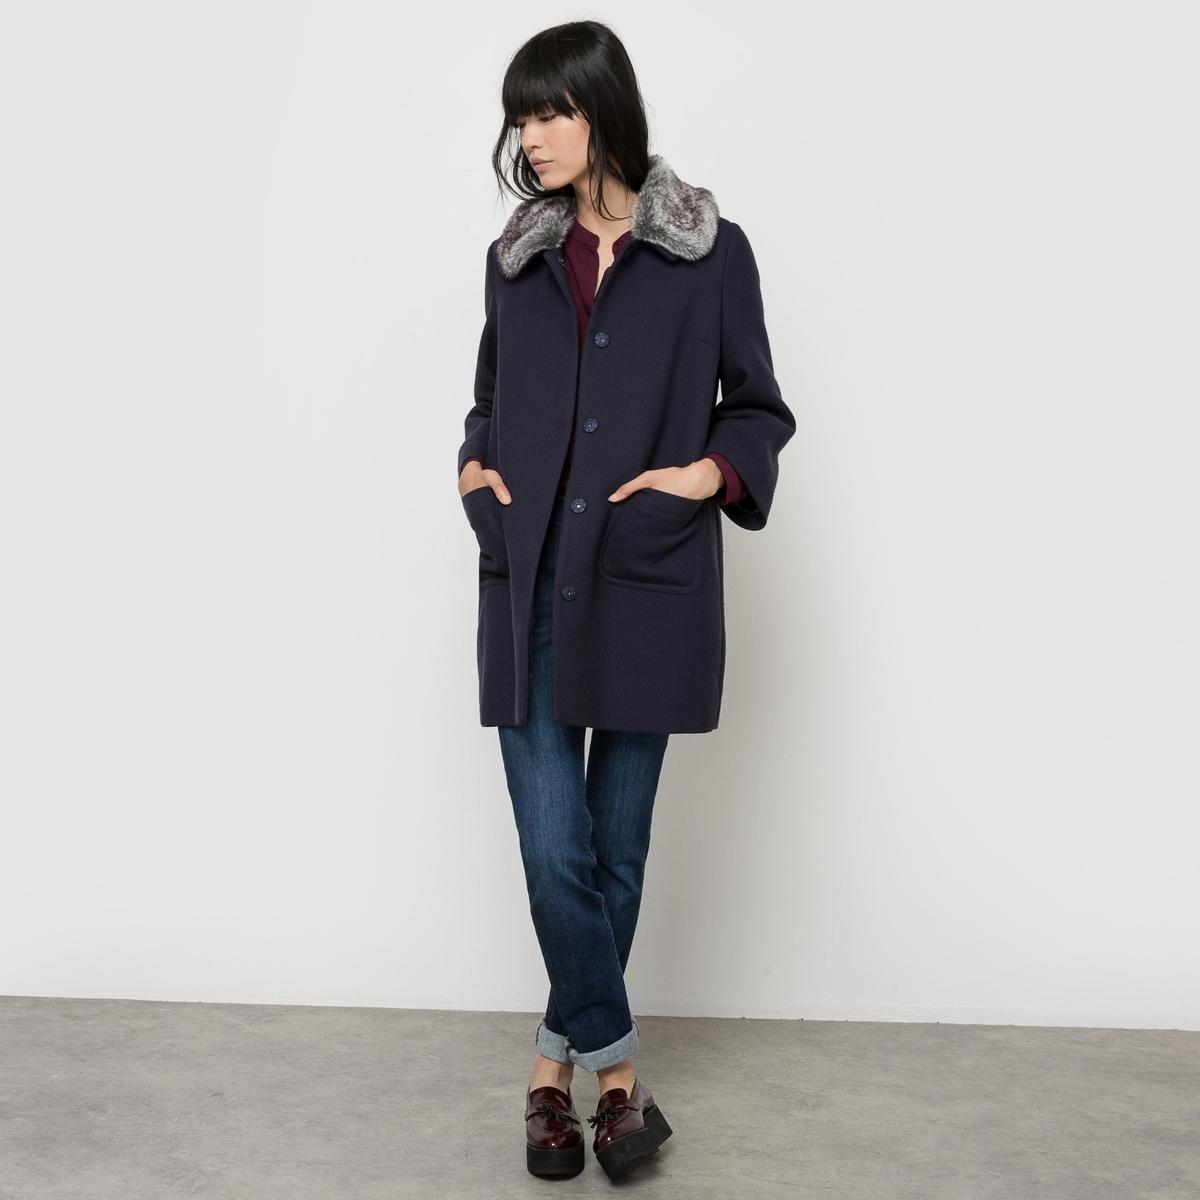 Пальто из шерстяного драпаСостав и описаниеМарка : See U SoonМатериалы : Пальто 64% полиэстера, 34% вискозы, 2% эластана - Подкладка 100% полиэстера - Наполнитель 100% полиэстераУходСледуйте рекомендациям по уходу, указанным на этикетке<br><br>Цвет: темно-синий<br>Размер: XS.S